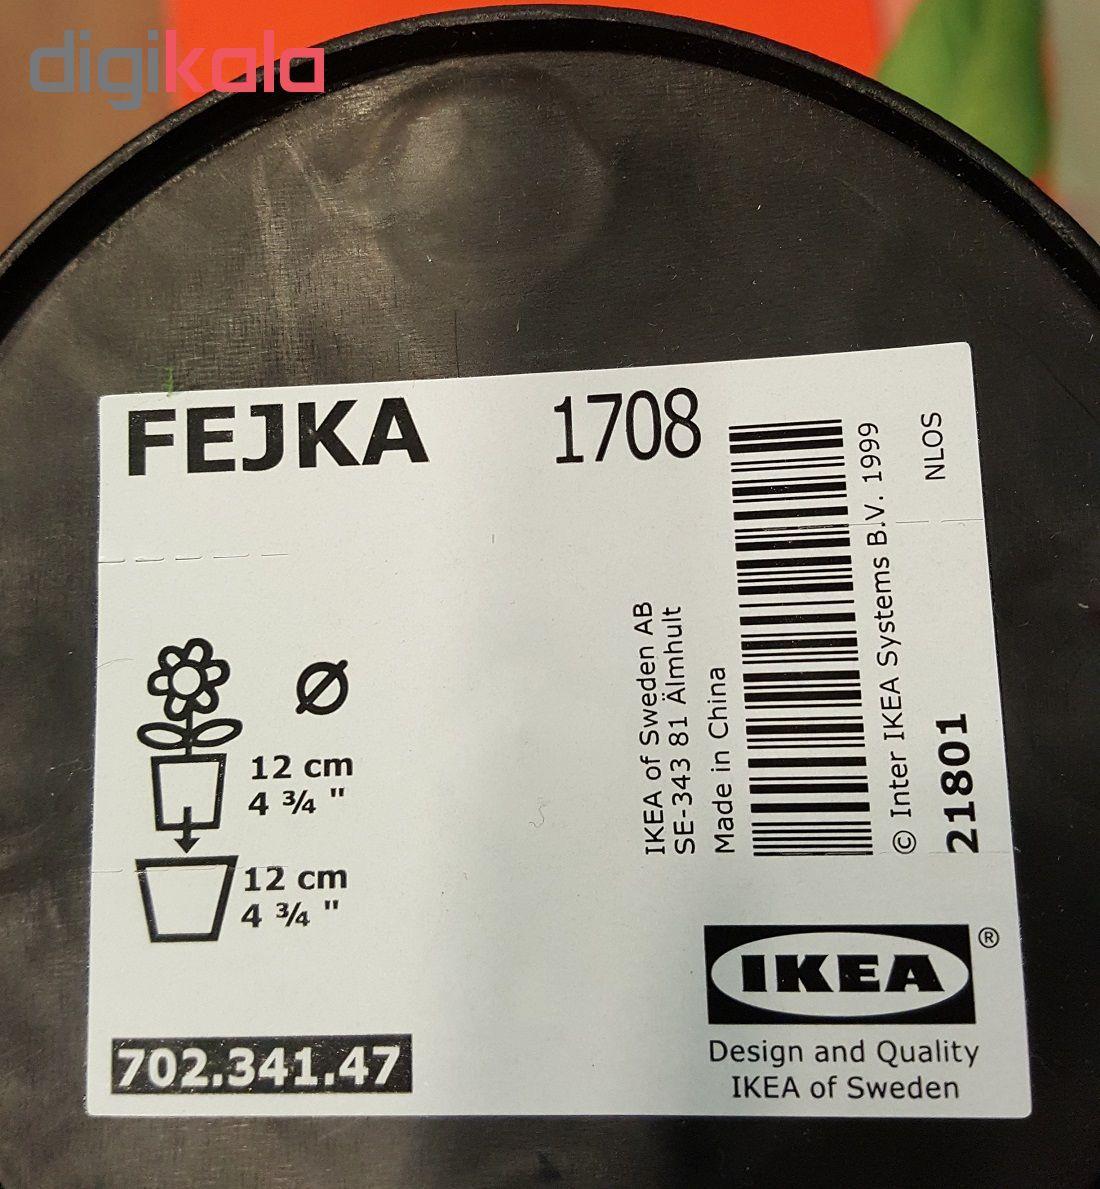 گلدان با گل مصنوعی ایکیا مدل Fejka 70234147  main 1 4